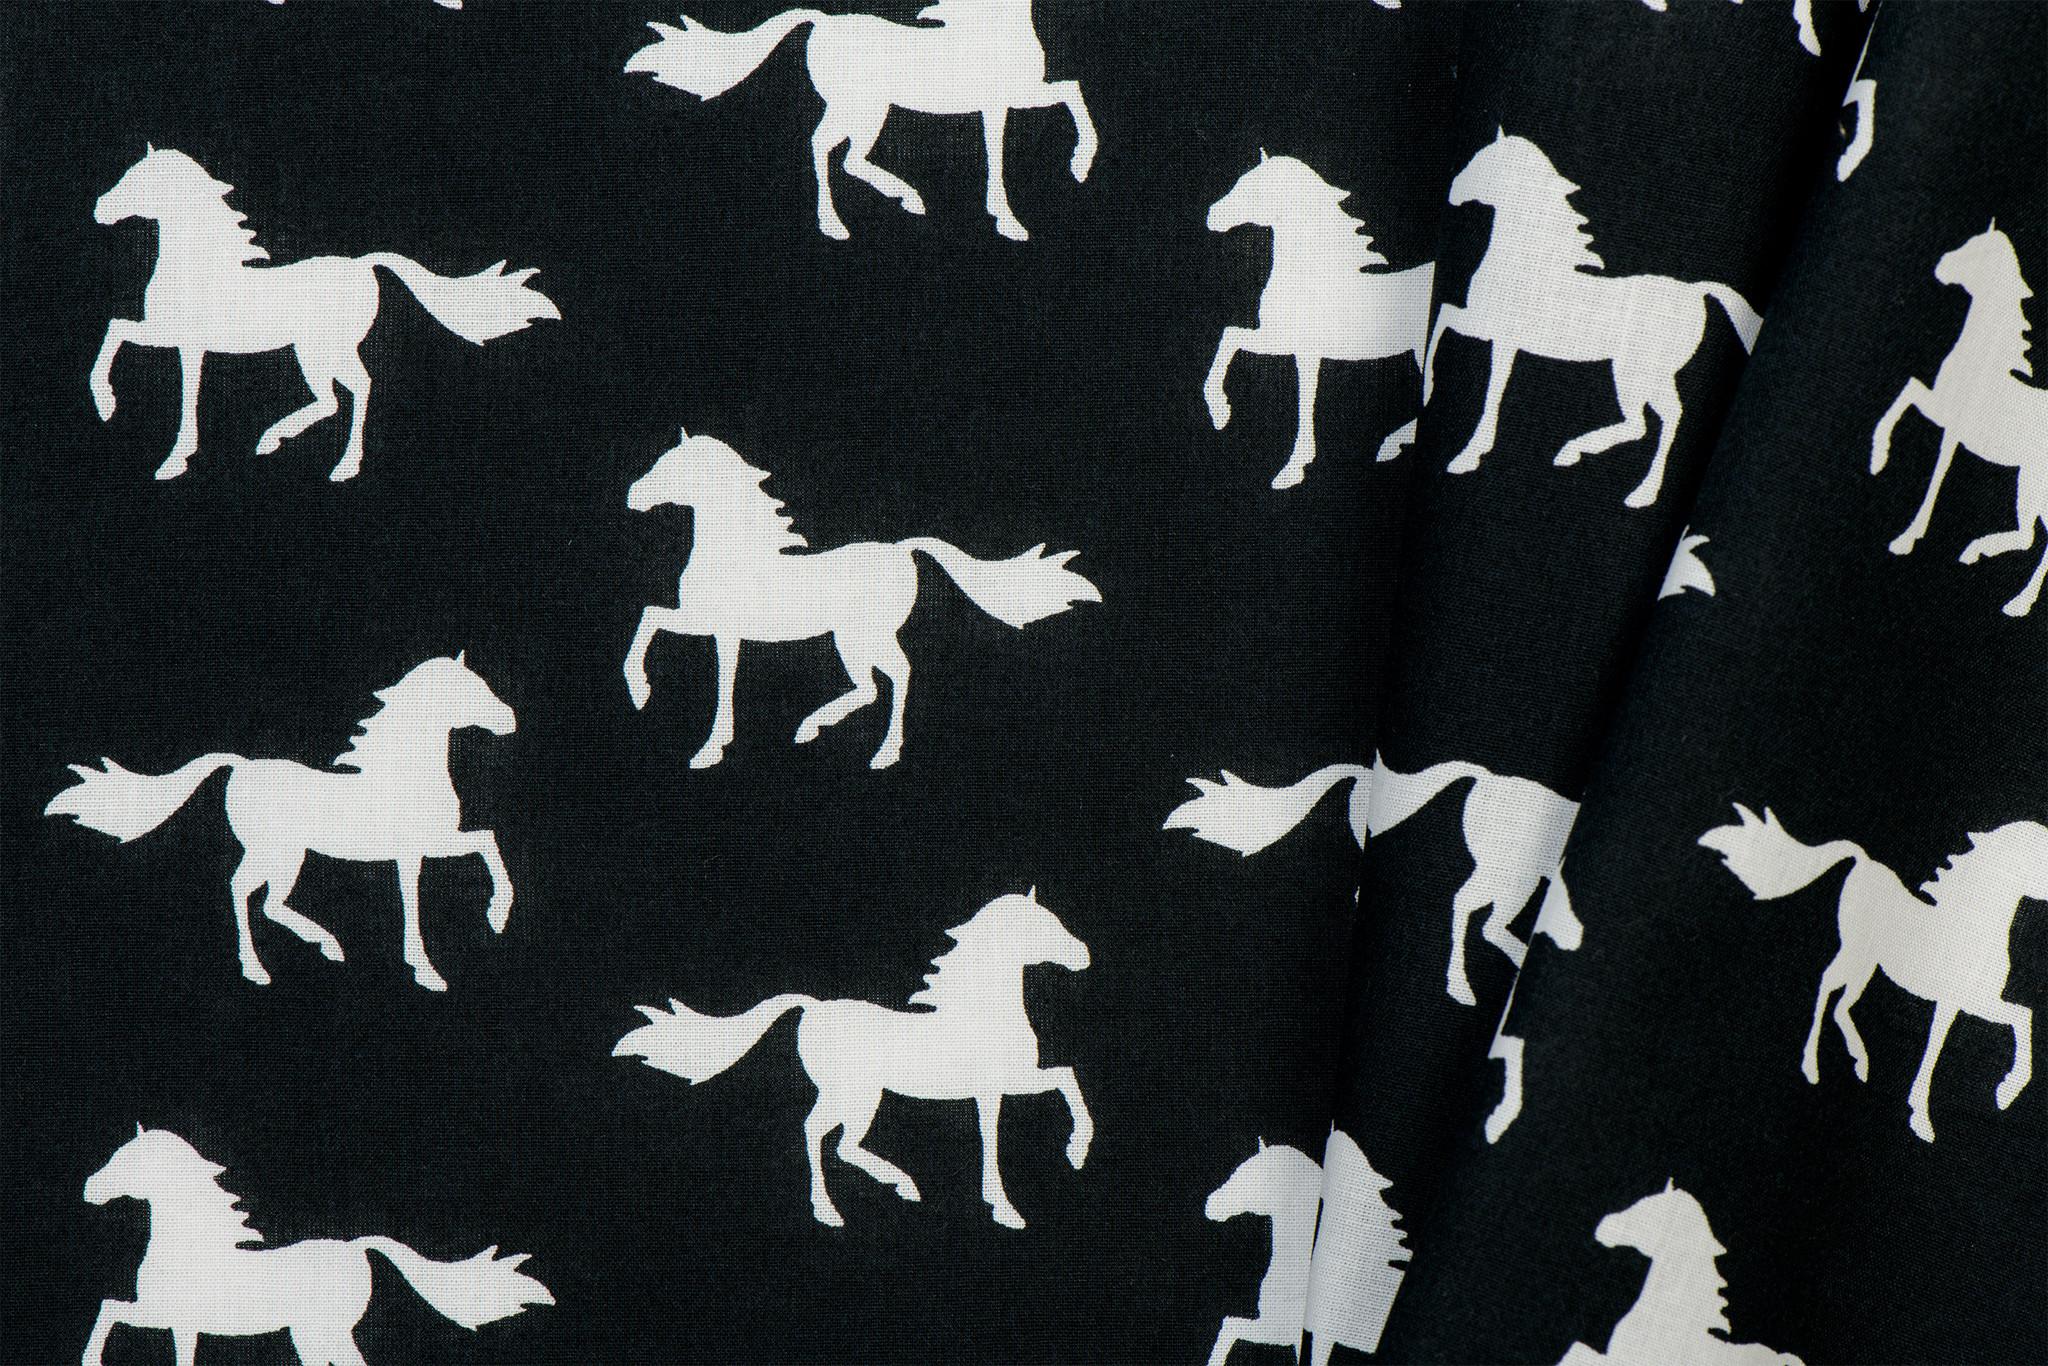 Katoen Paarden Black & White